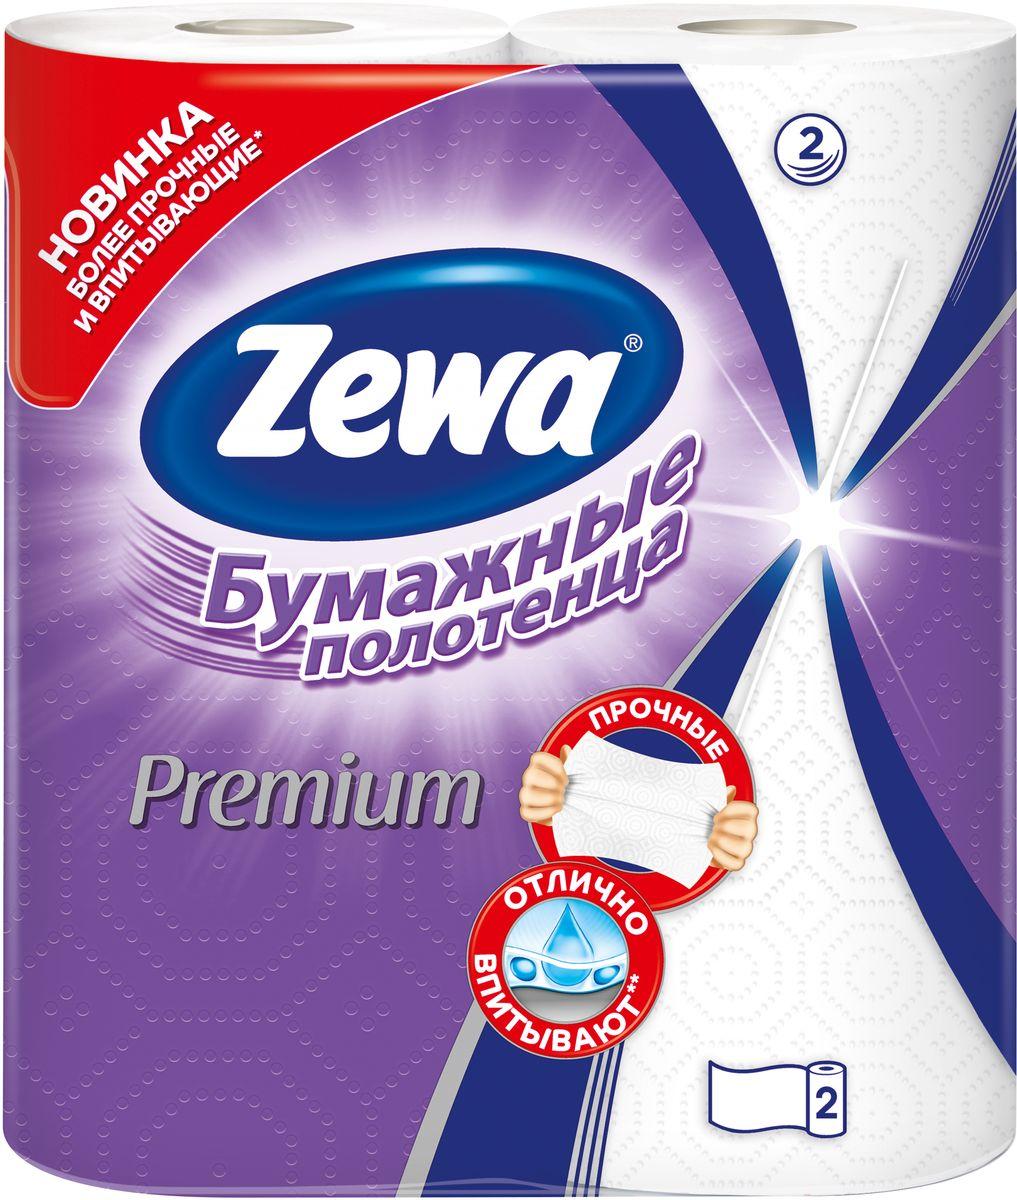 Полотенца бумажные Zewa Premium, двухслойные, цвет: белый, 2 рулона787502Двухслойные бумажные полотенца Zewa Premium, выполненные из целлюлозы, подарят превосходный комфорт и ощущение чистоты и свежести. Имеют высокую впитываемость. Идеально подходят для ежедневного использования. Количество рулонов: 2 шт.Количество листов в рулоне: 55.Количество слоев: 2.Размер листа: 23 х 23,6 см.